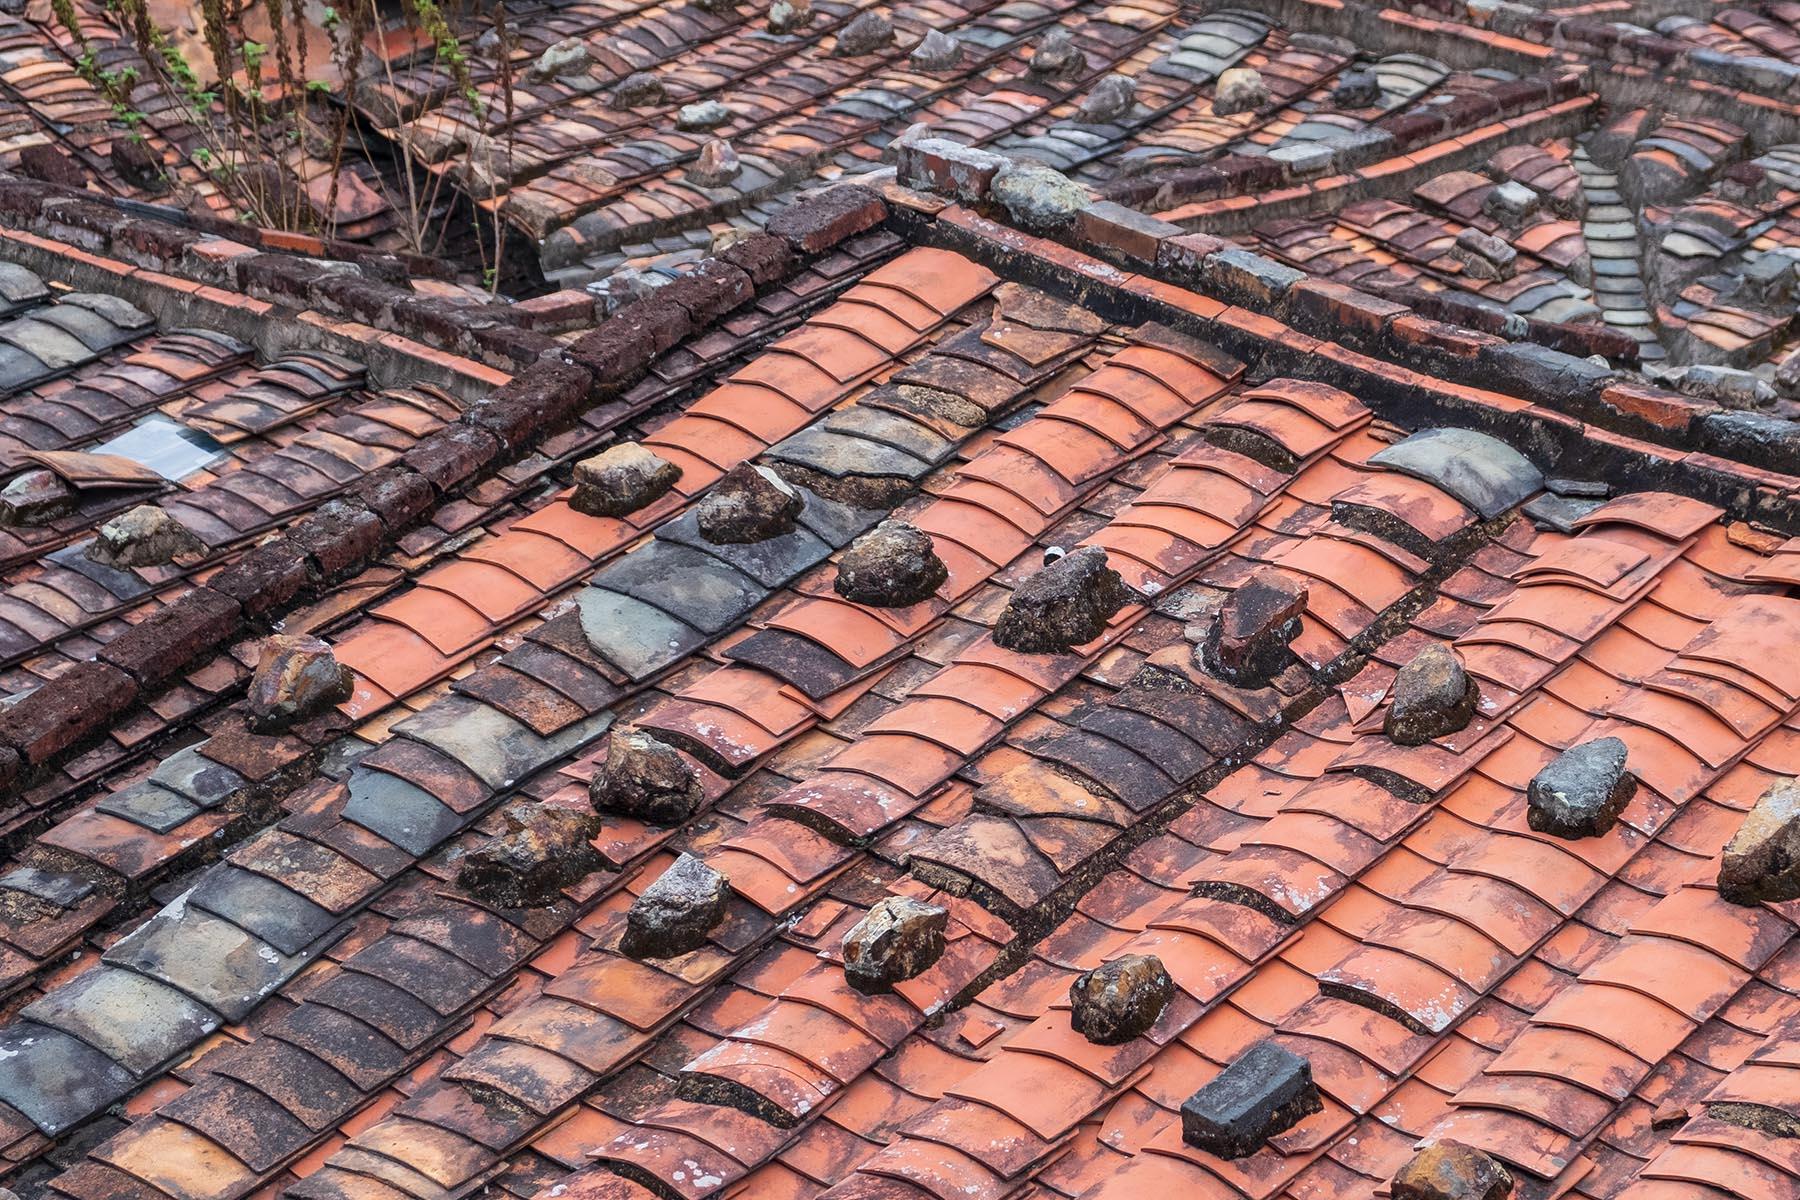 Blick auf Steinhaus Dächer in Zhangjiao in der Provinz Fujian, China